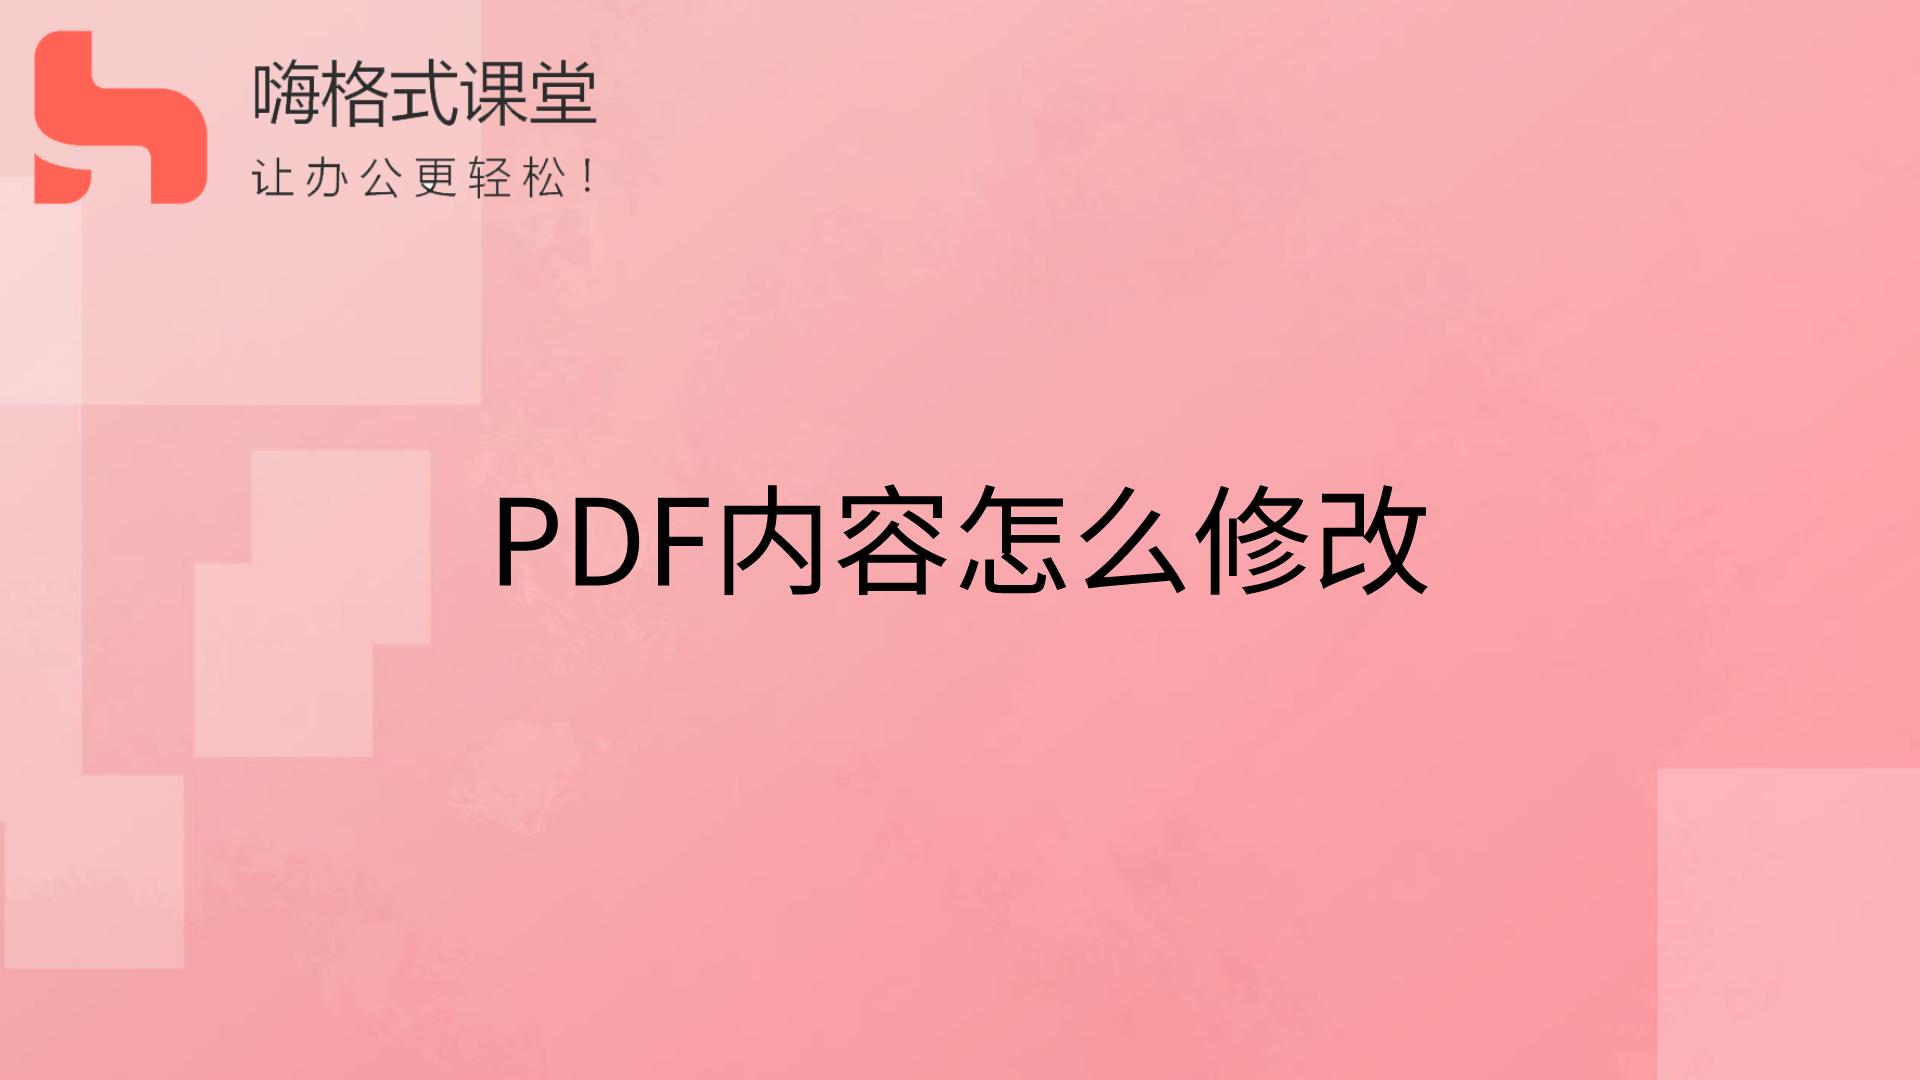 PDF内容怎么修改